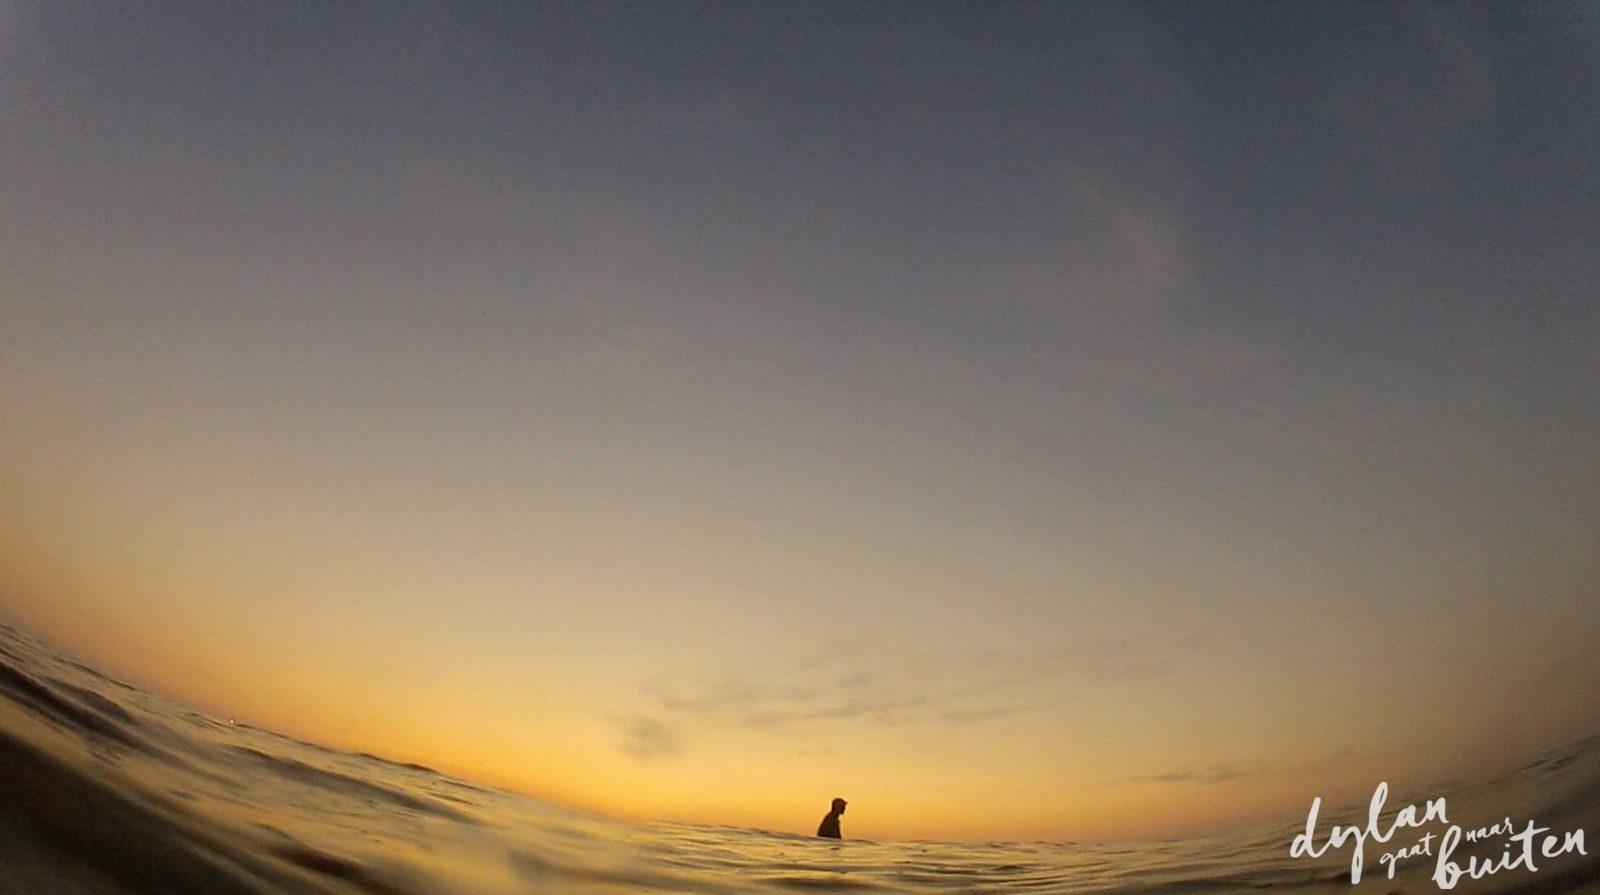 Surfen in Scheveningen met zonsondergang